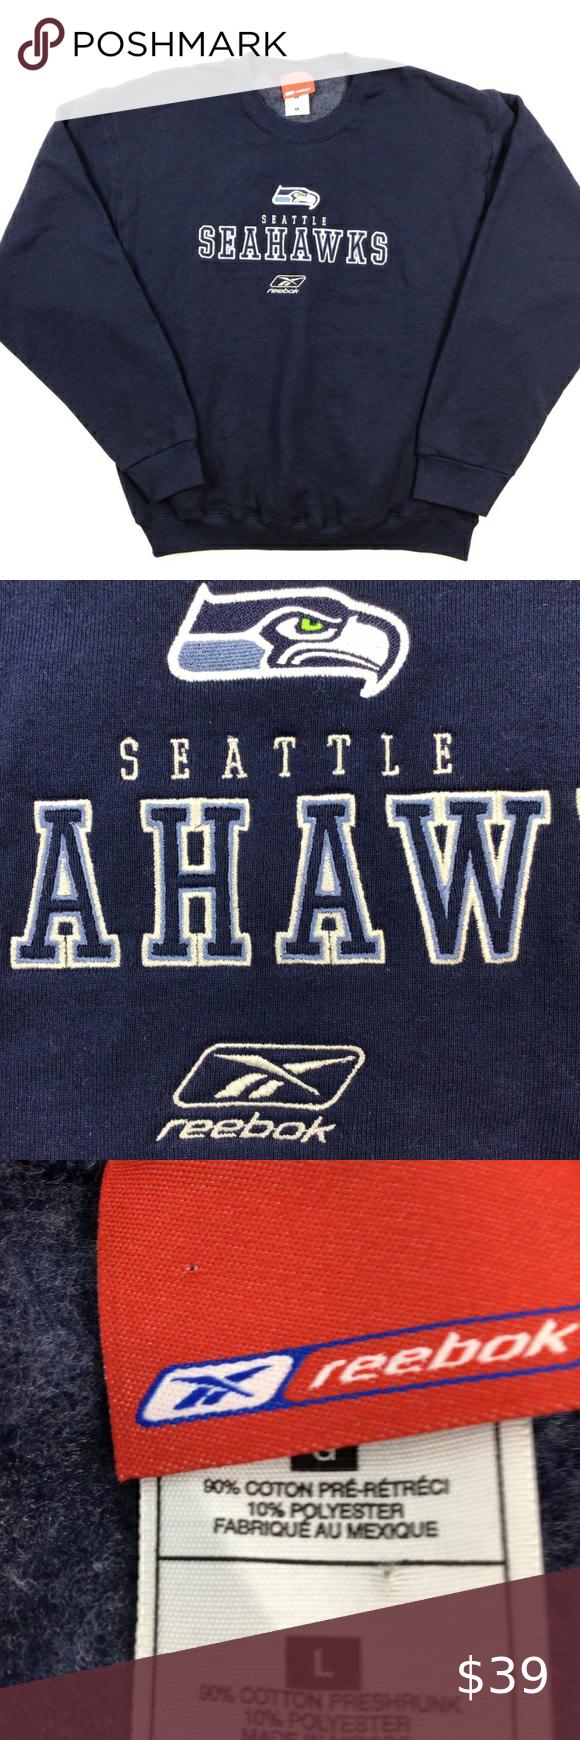 Predownload: Vintage Seattle Seahawks Crewneck Raiders T Shirt Vintage Reebok Patriots Hoodie [ 1740 x 580 Pixel ]